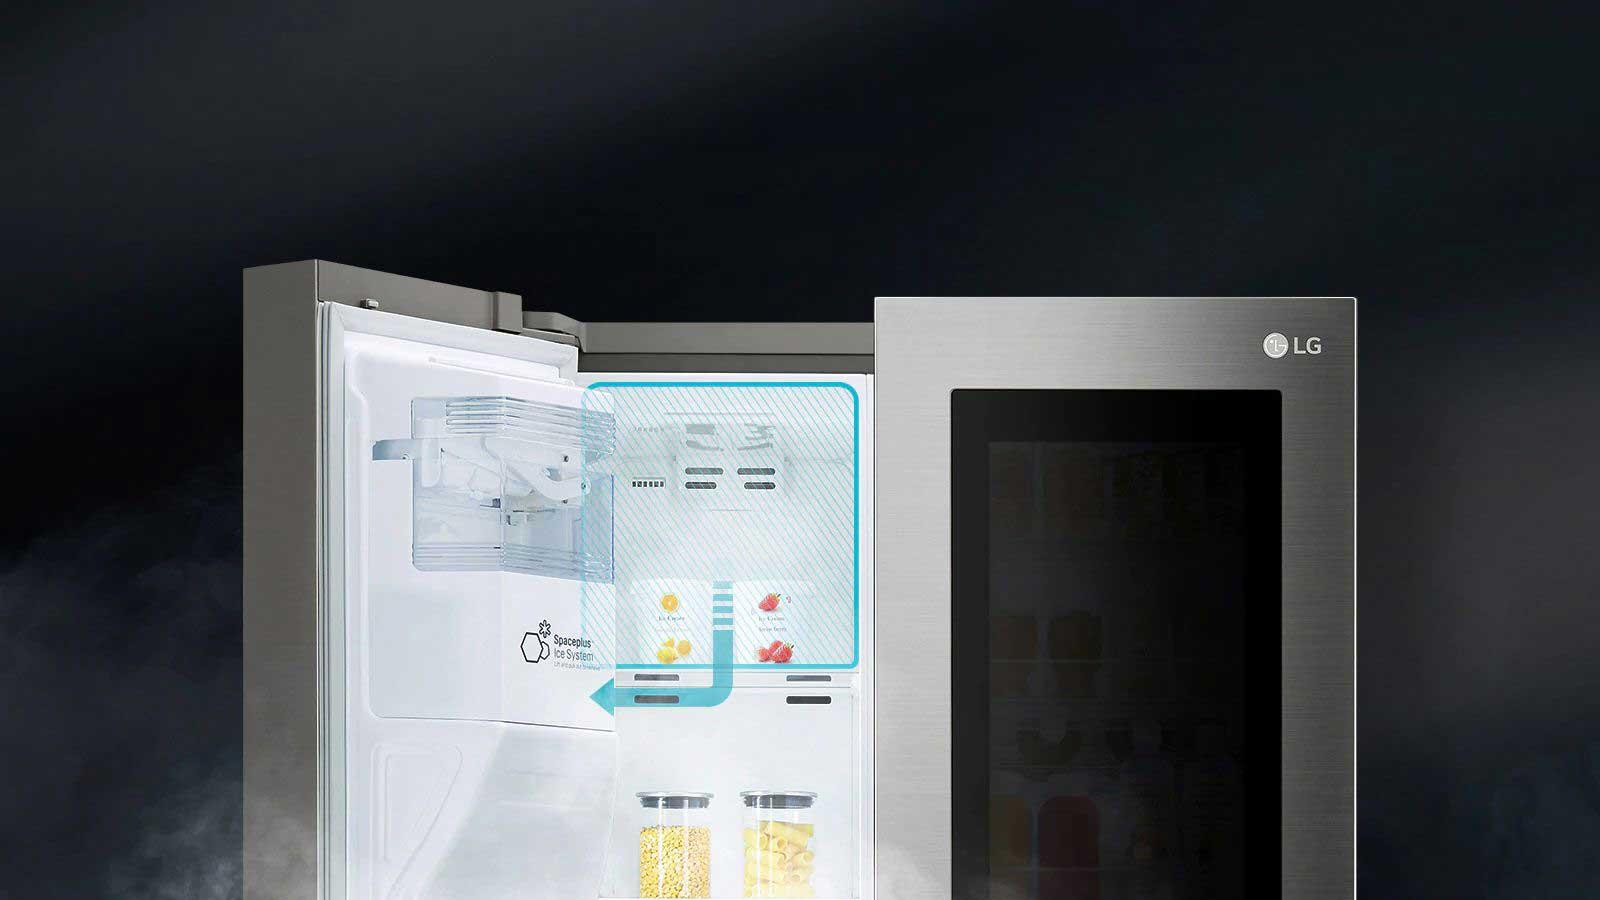 سیستم یخساز یخچال ال جی ساید بای ساید x259